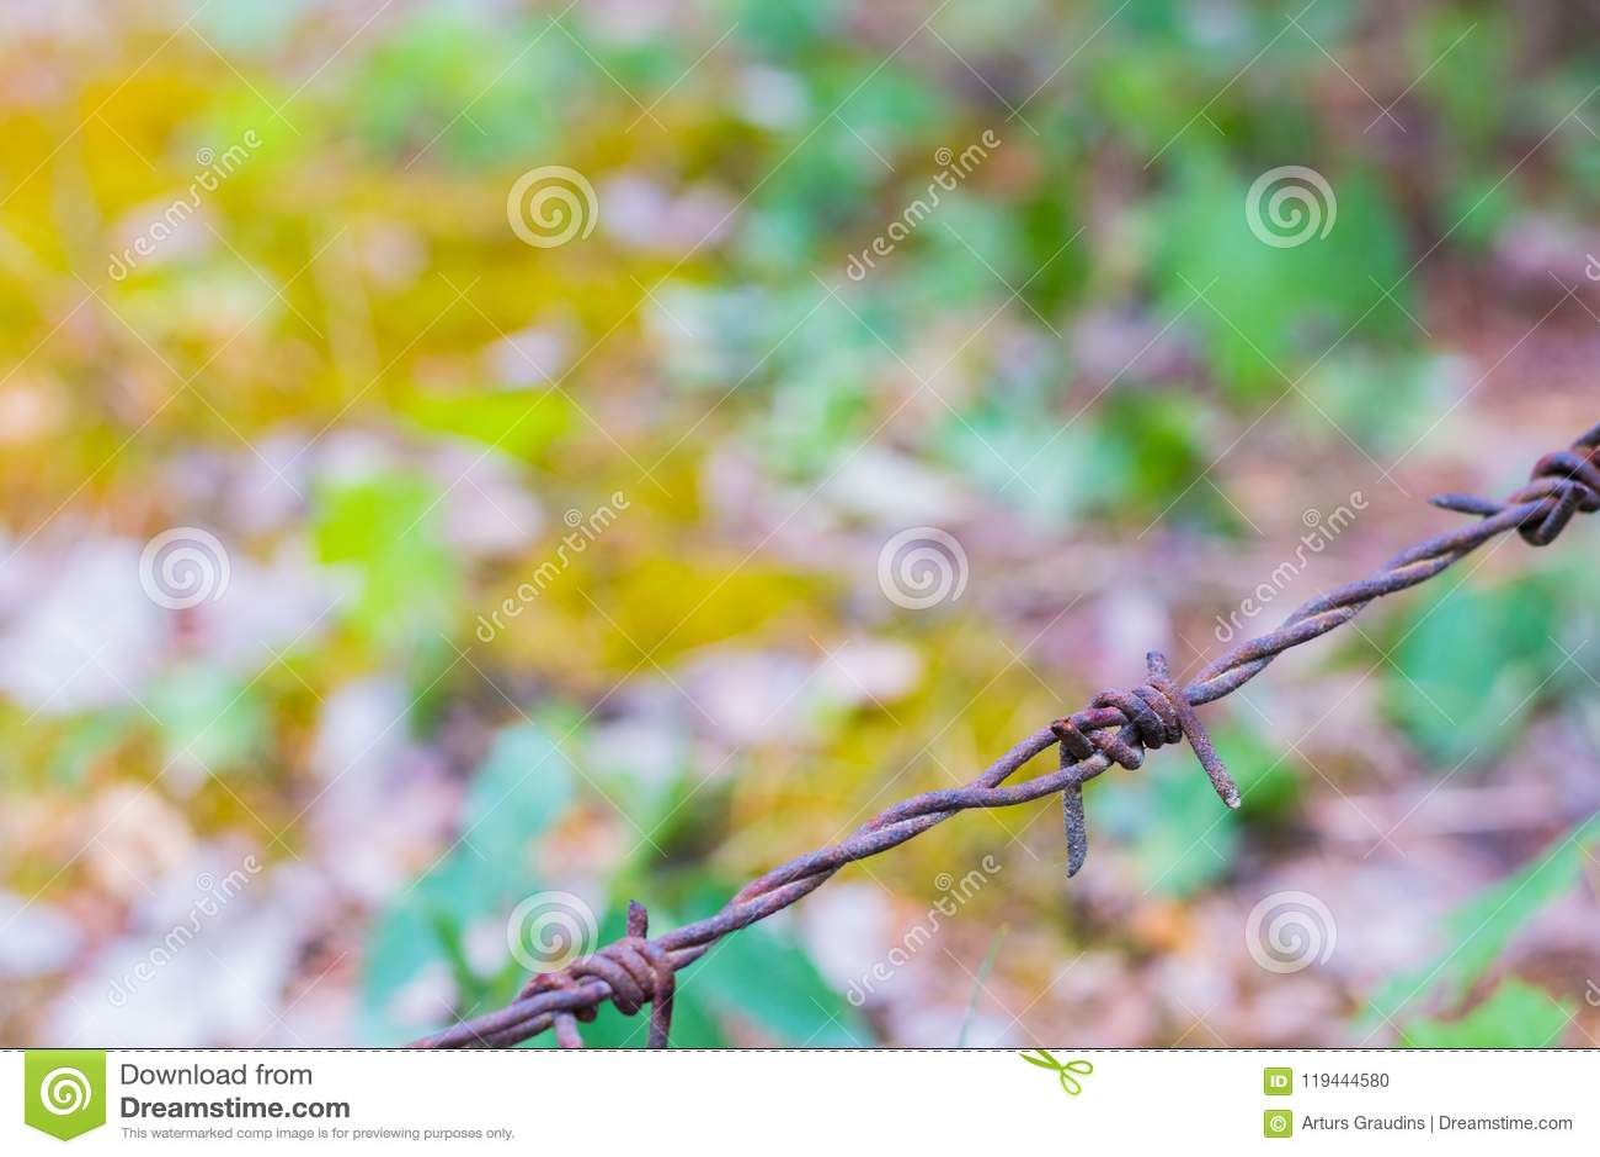 Prikkeldraad op een onscherpe bosachtergrond wordt geïsoleerd die